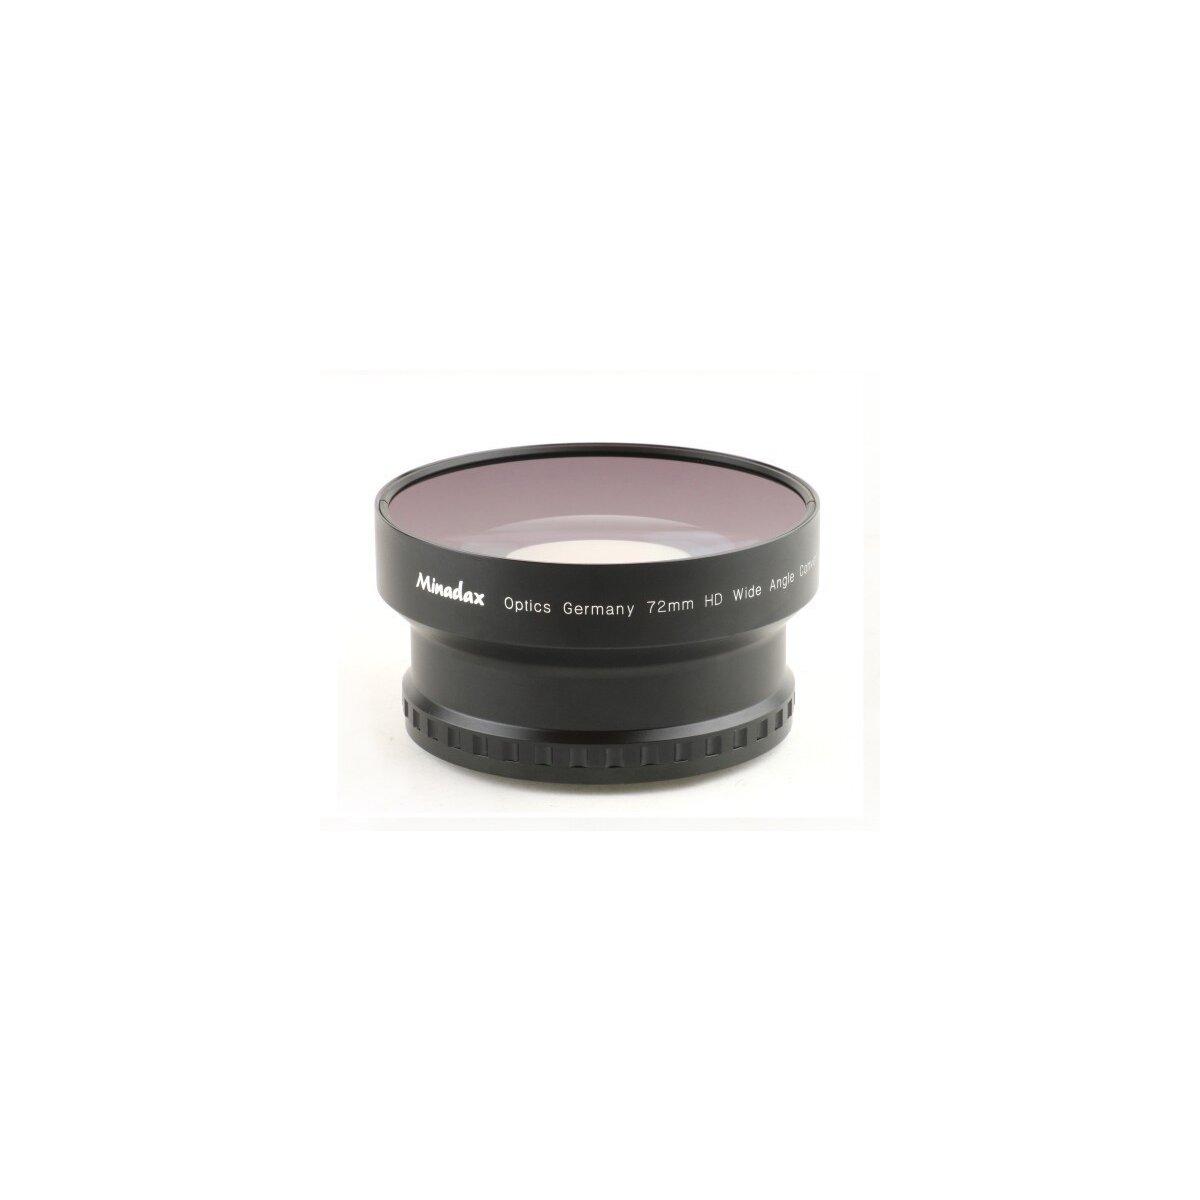 0.7x Minadax HD Weitwinkel Objektiv Vorsatz kompatibel mit Sony HDR-FX1, HDR-FX1000, HVR-S270, HVR-Z1, HVR-Z5, HVR-Z7 (Voll durchzoombar) + 1x Minadax Sonnenblende